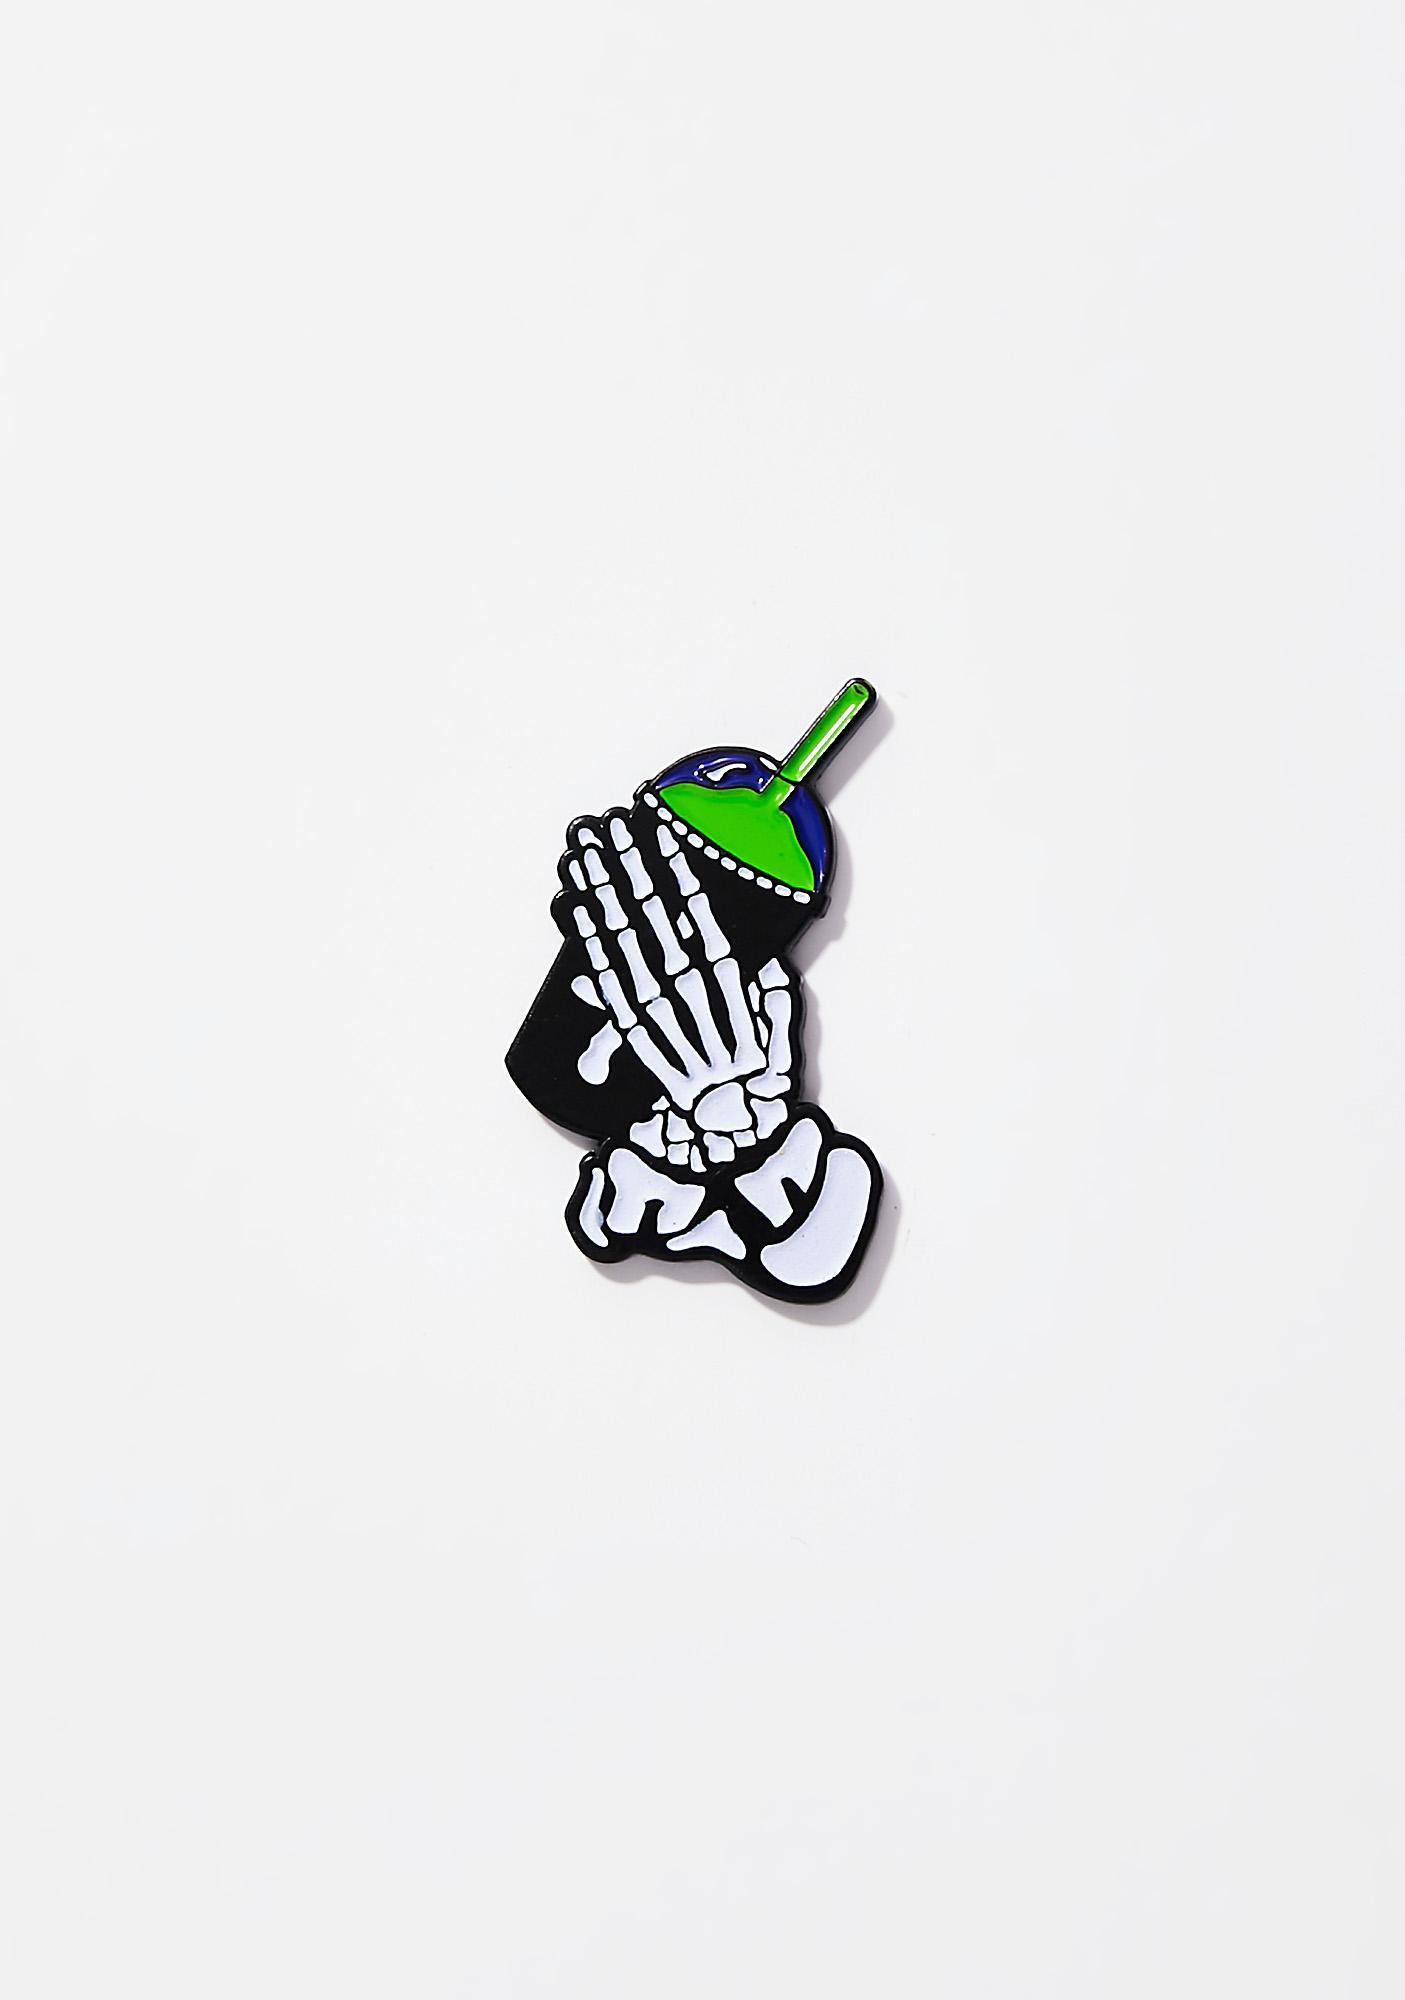 Slushcult Slushgod Bones Pin